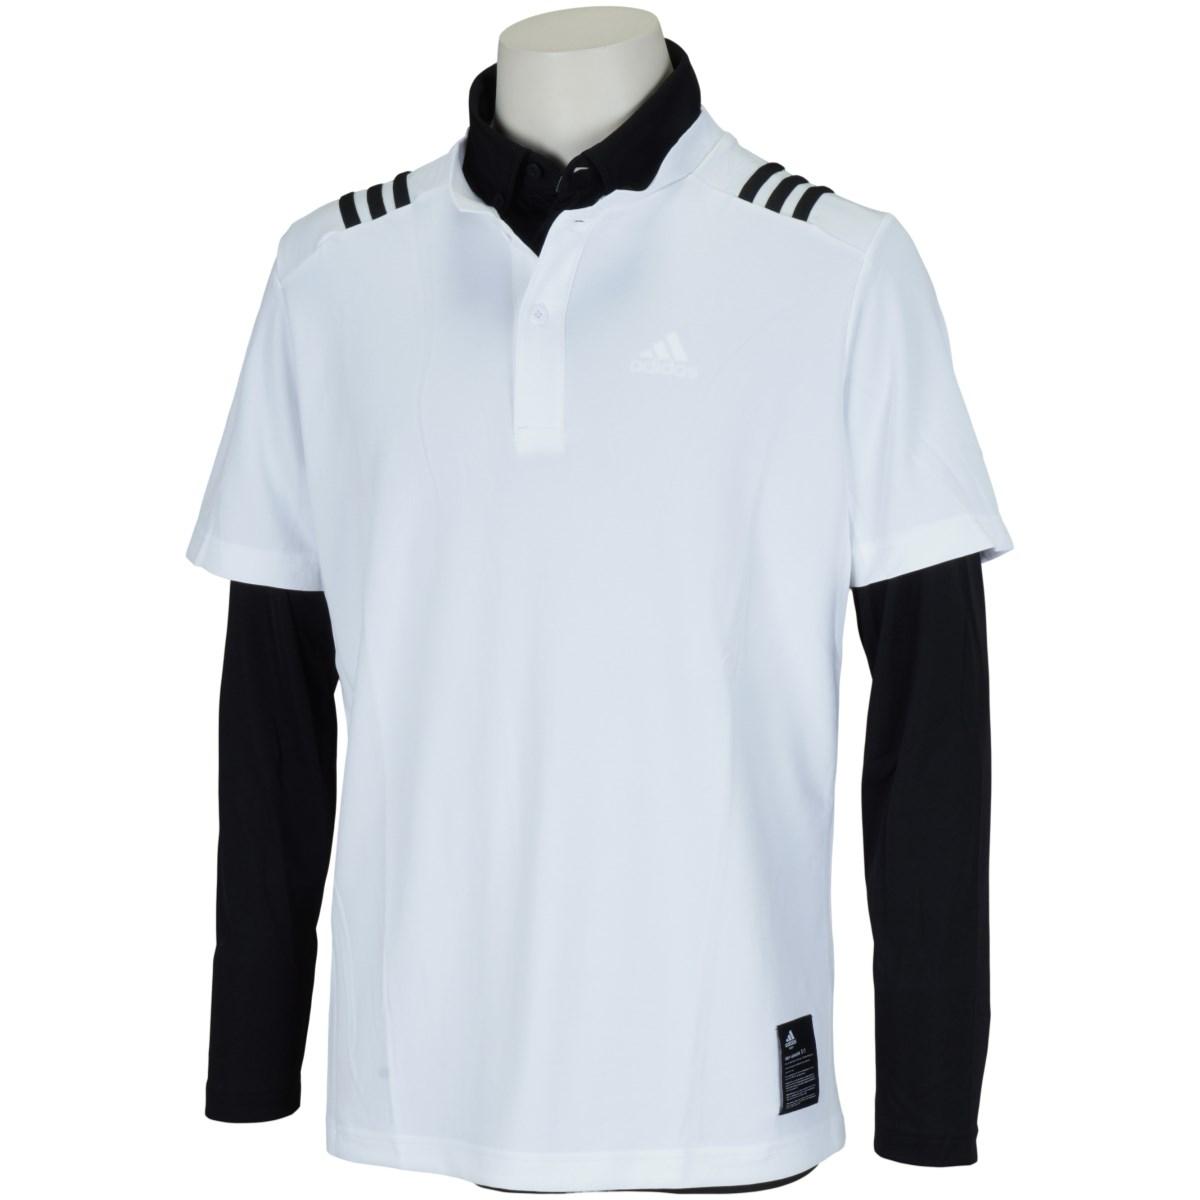 アディダス Adidas スリーストライプス レイヤードストレッチ半袖スタンドカラーシャツ J/L ホワイト/ブラック